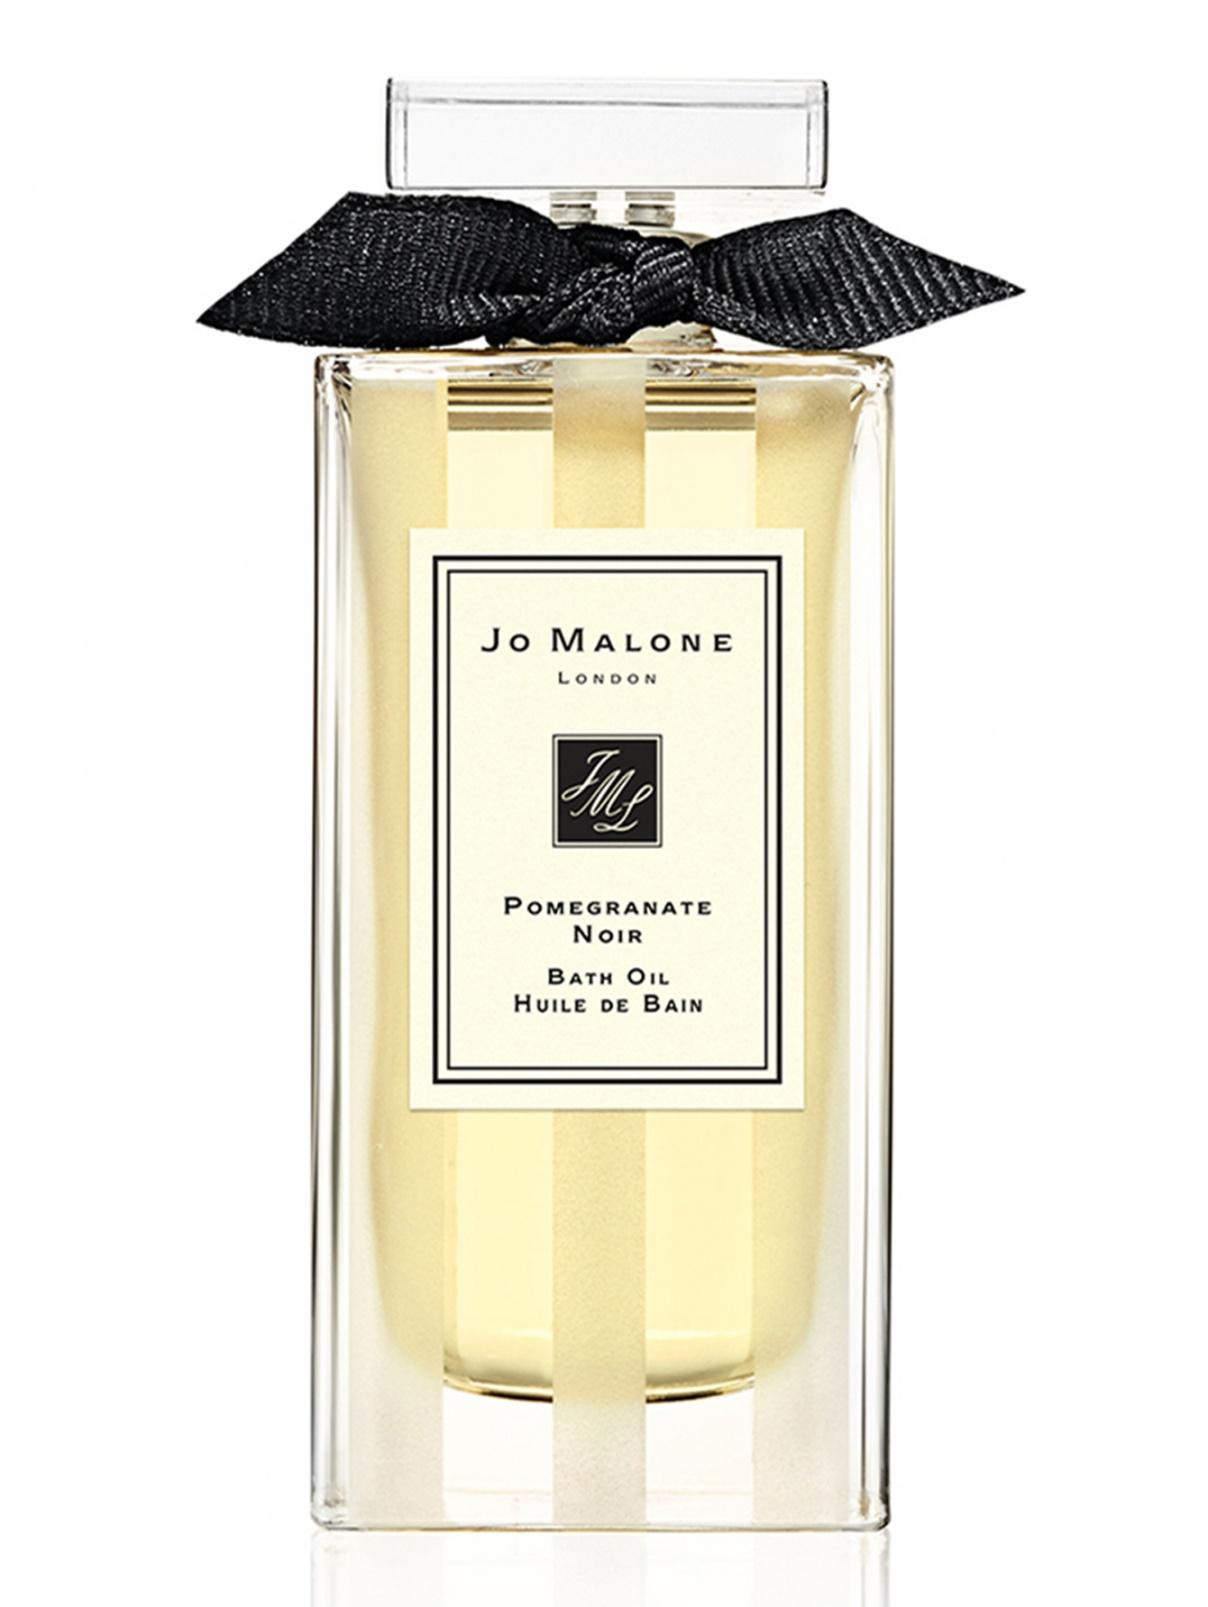 Масло для ванны 30 мл Pomegranate Noir Jo Malone  –  Общий вид